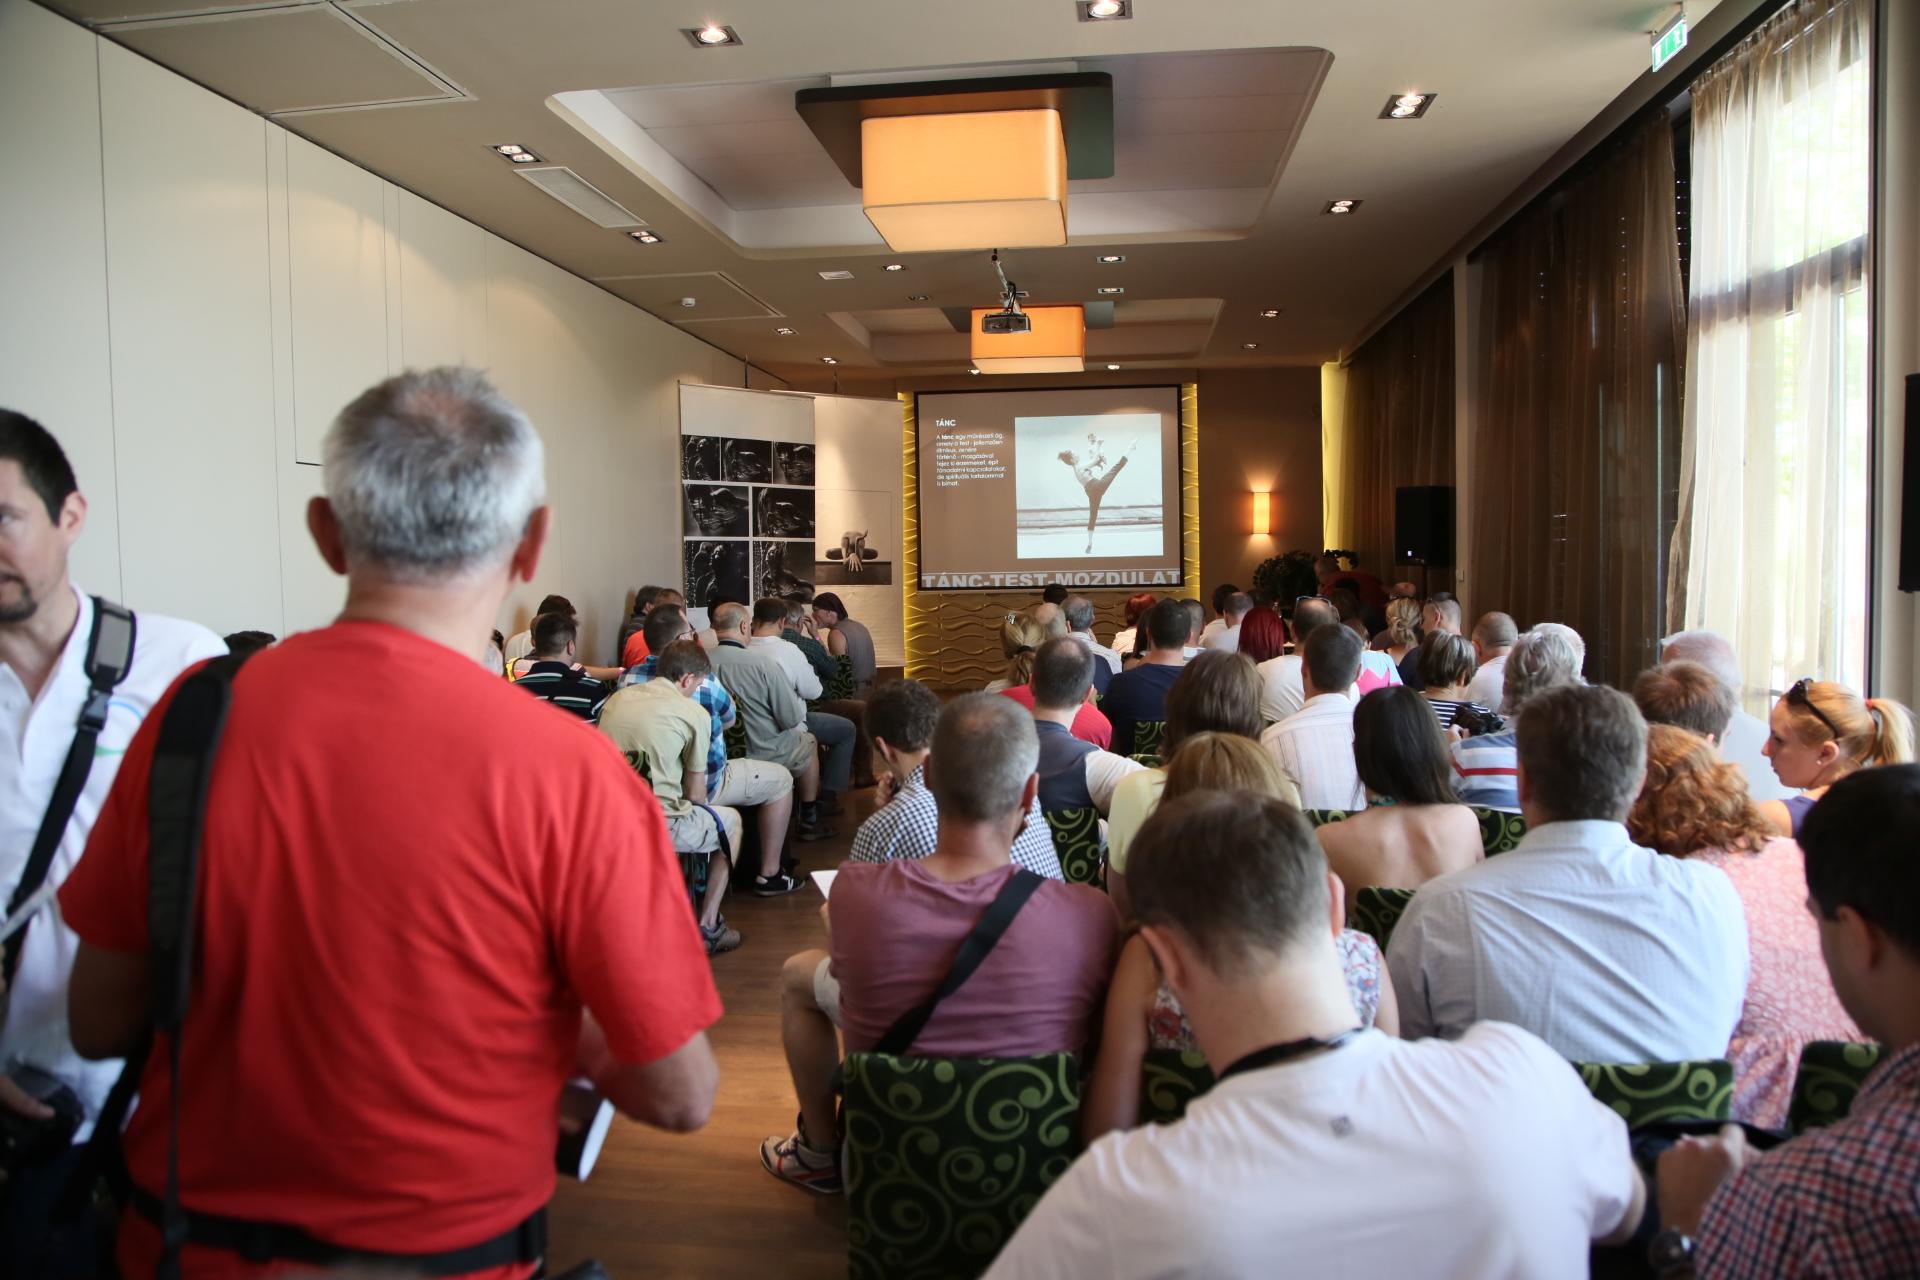 2015.06.07.-Fotófesztivál-Eifert-előadás-03-Photo Petur/Pixinfo.com